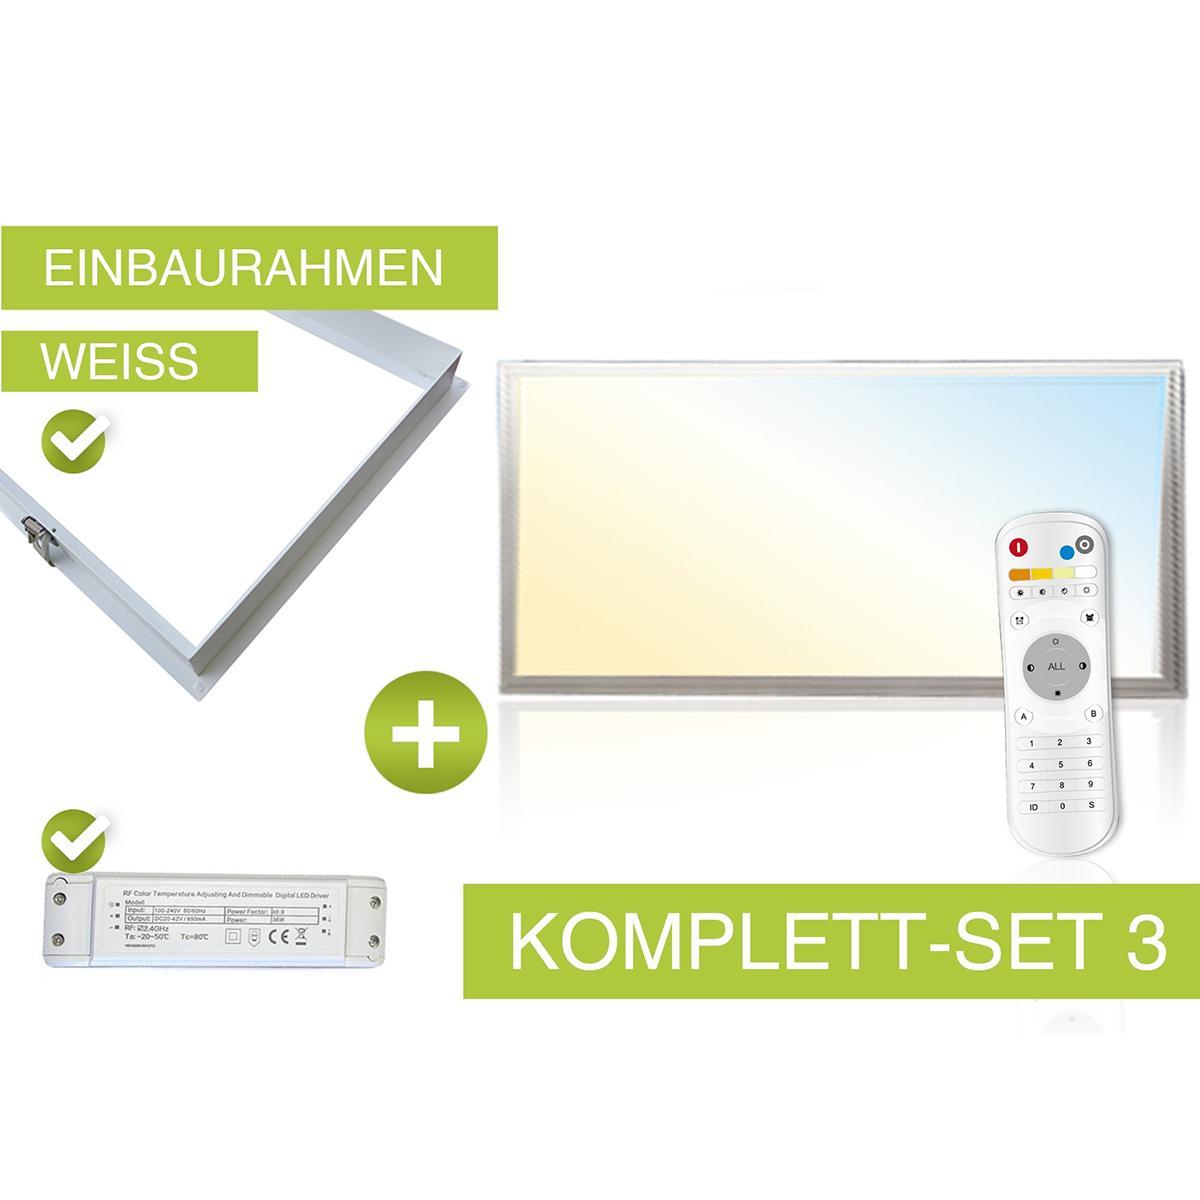 CCT LED Panel Set 60x30cm 24W 3000-6000K inkl. Einbau-Rahmen weiss, Netzteil und FB